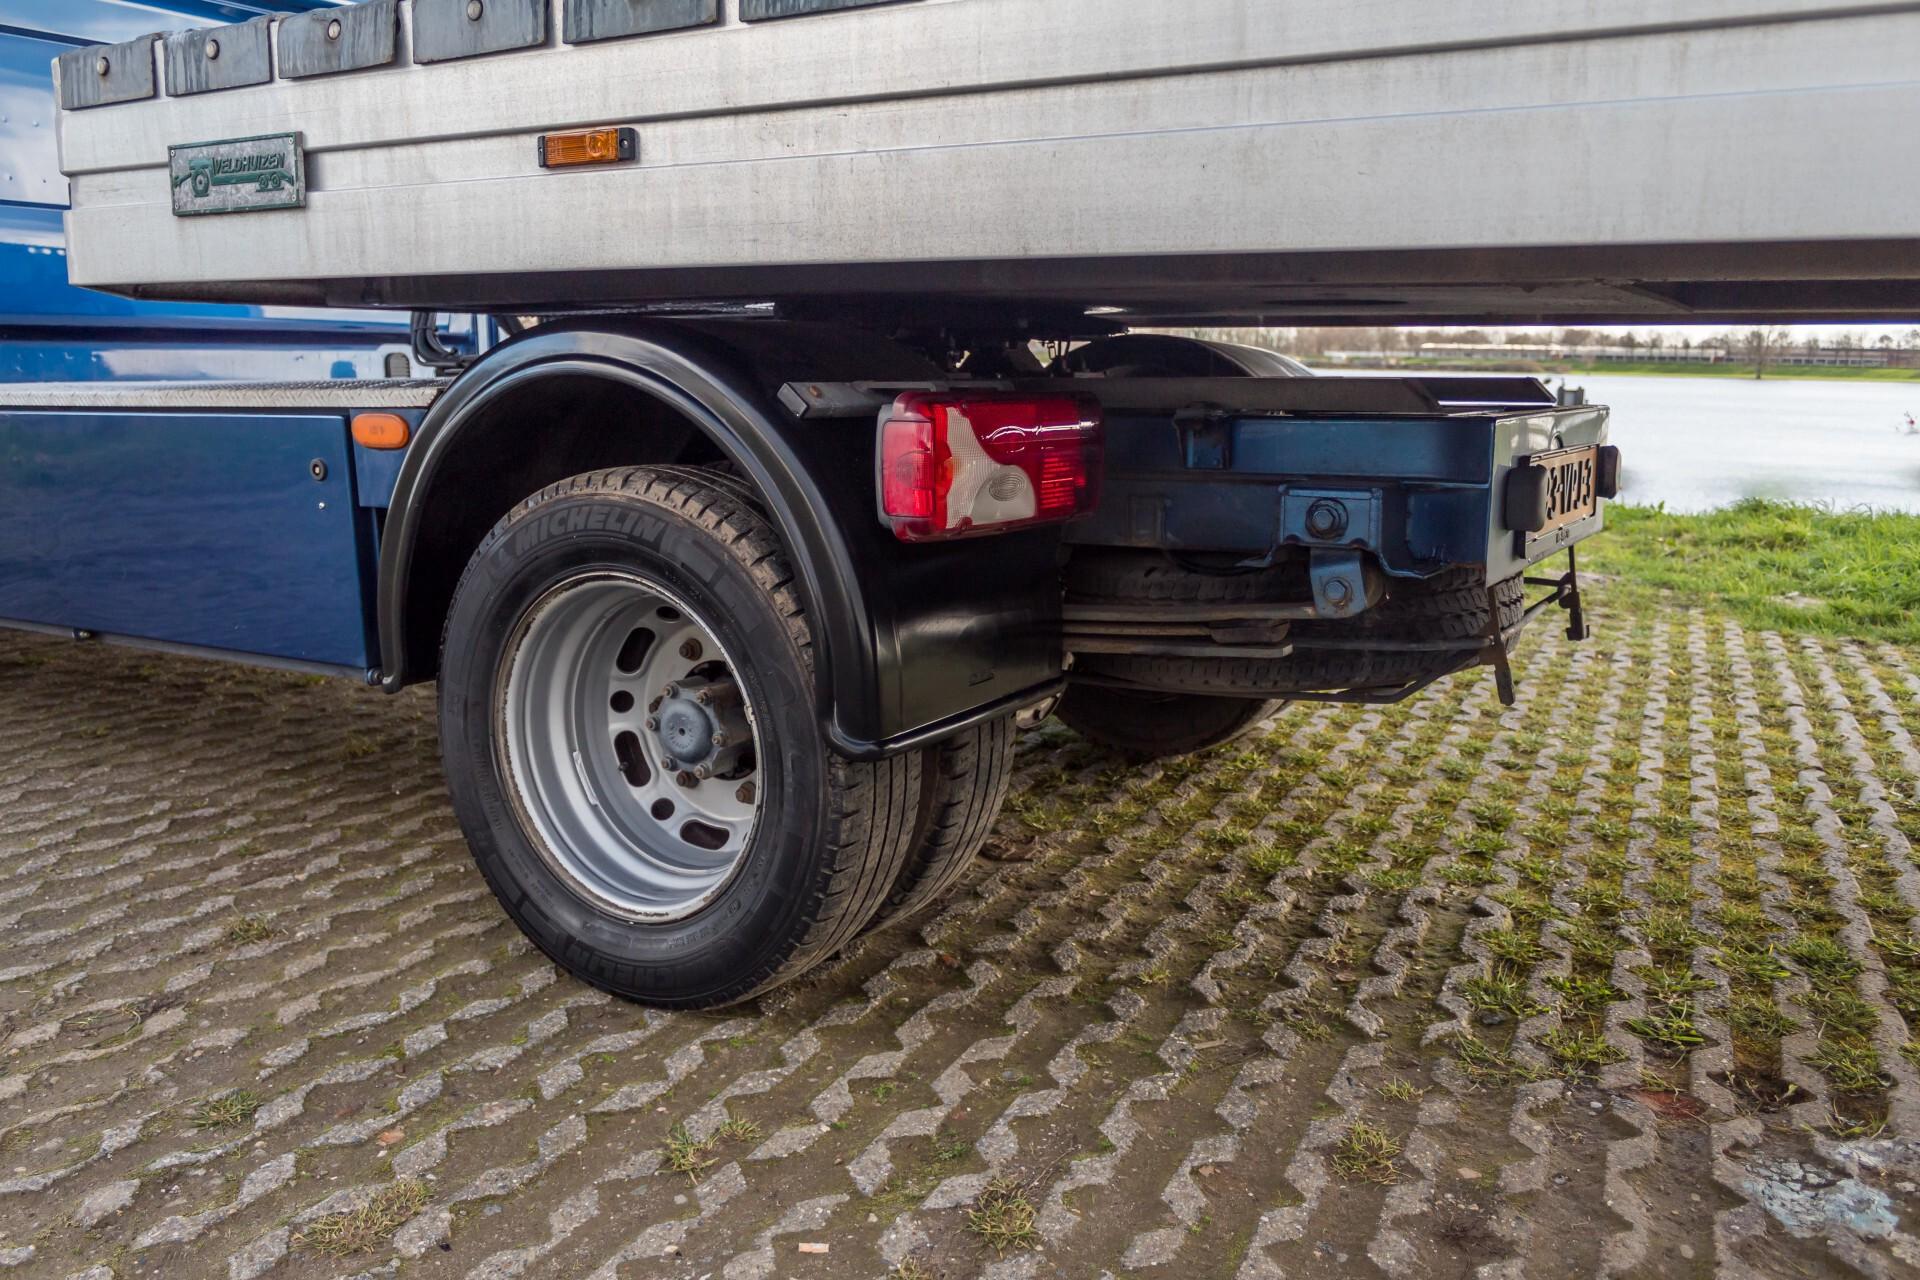 Mercedes-Benz Sprinter 518 3.0 Cdi V6 Oprijwagen / Auto ambulance 7360 kg Foto 31